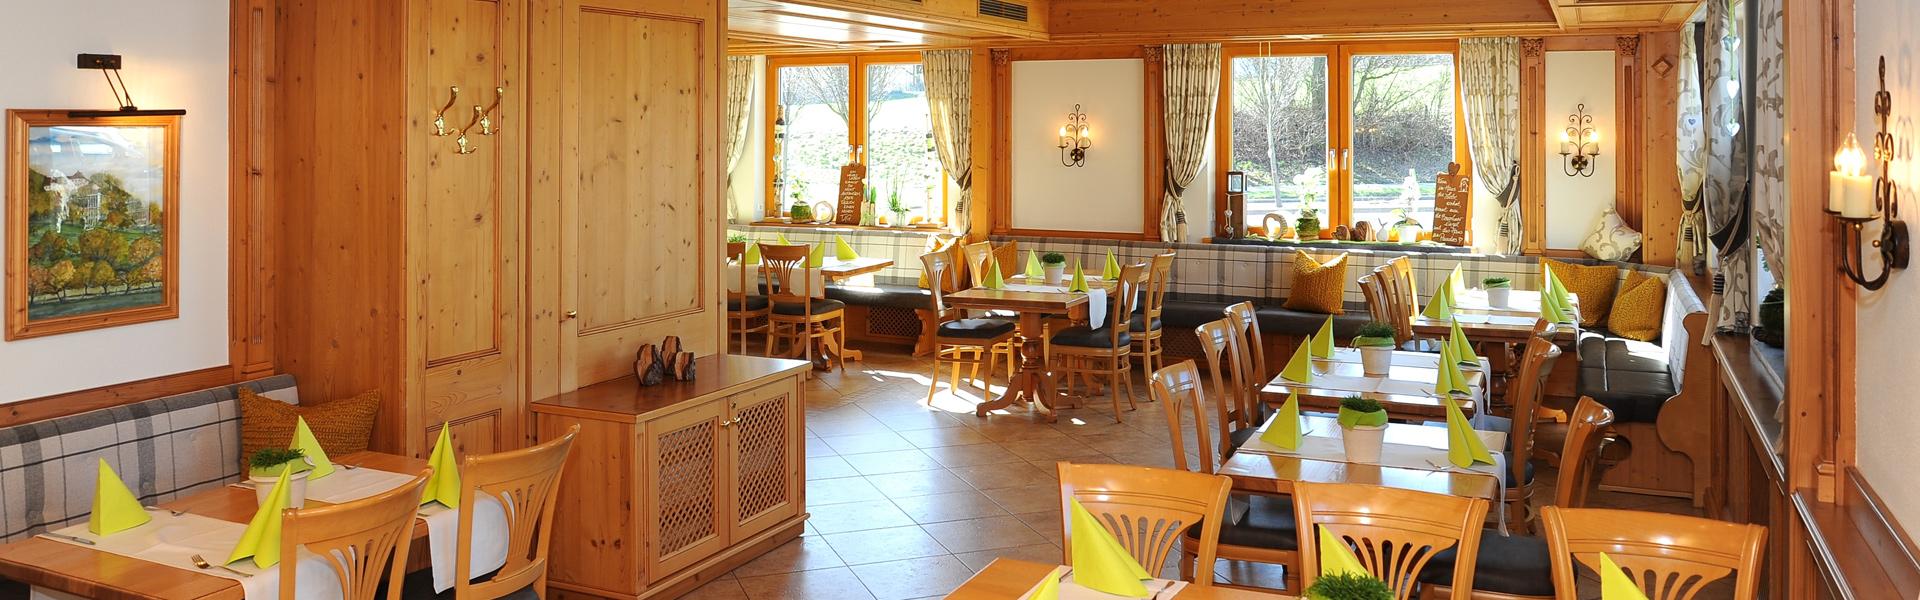 Kellerhaus Oberalfingen - Kontakt - Anreise - Ihr Weg zu uns nach Oberalfingen im Ostalbkreis